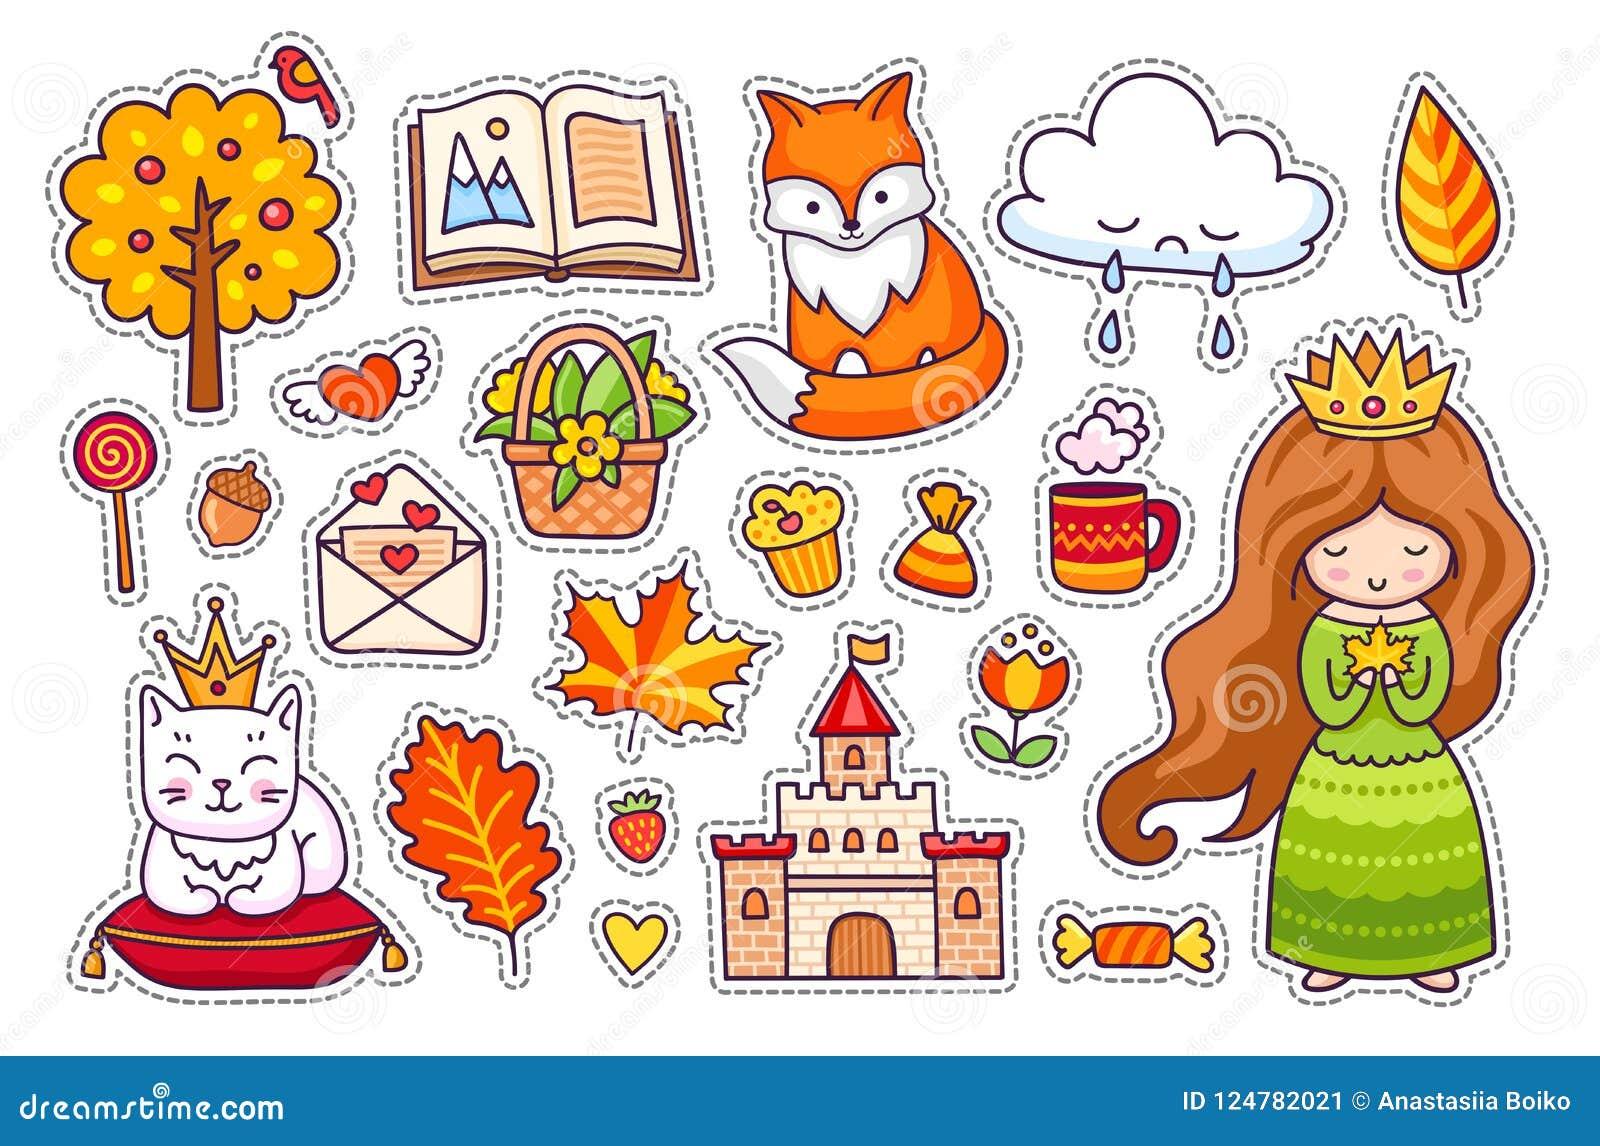 Χαριτωμένος λίγη πριγκήπισσα, αλεπού, άσπρη γάτα με την κορώνα, κάστρο, γατάκι, δέντρο φθινοπώρου, ανοικτό βιβλίο, φύλλα, σύννεφα